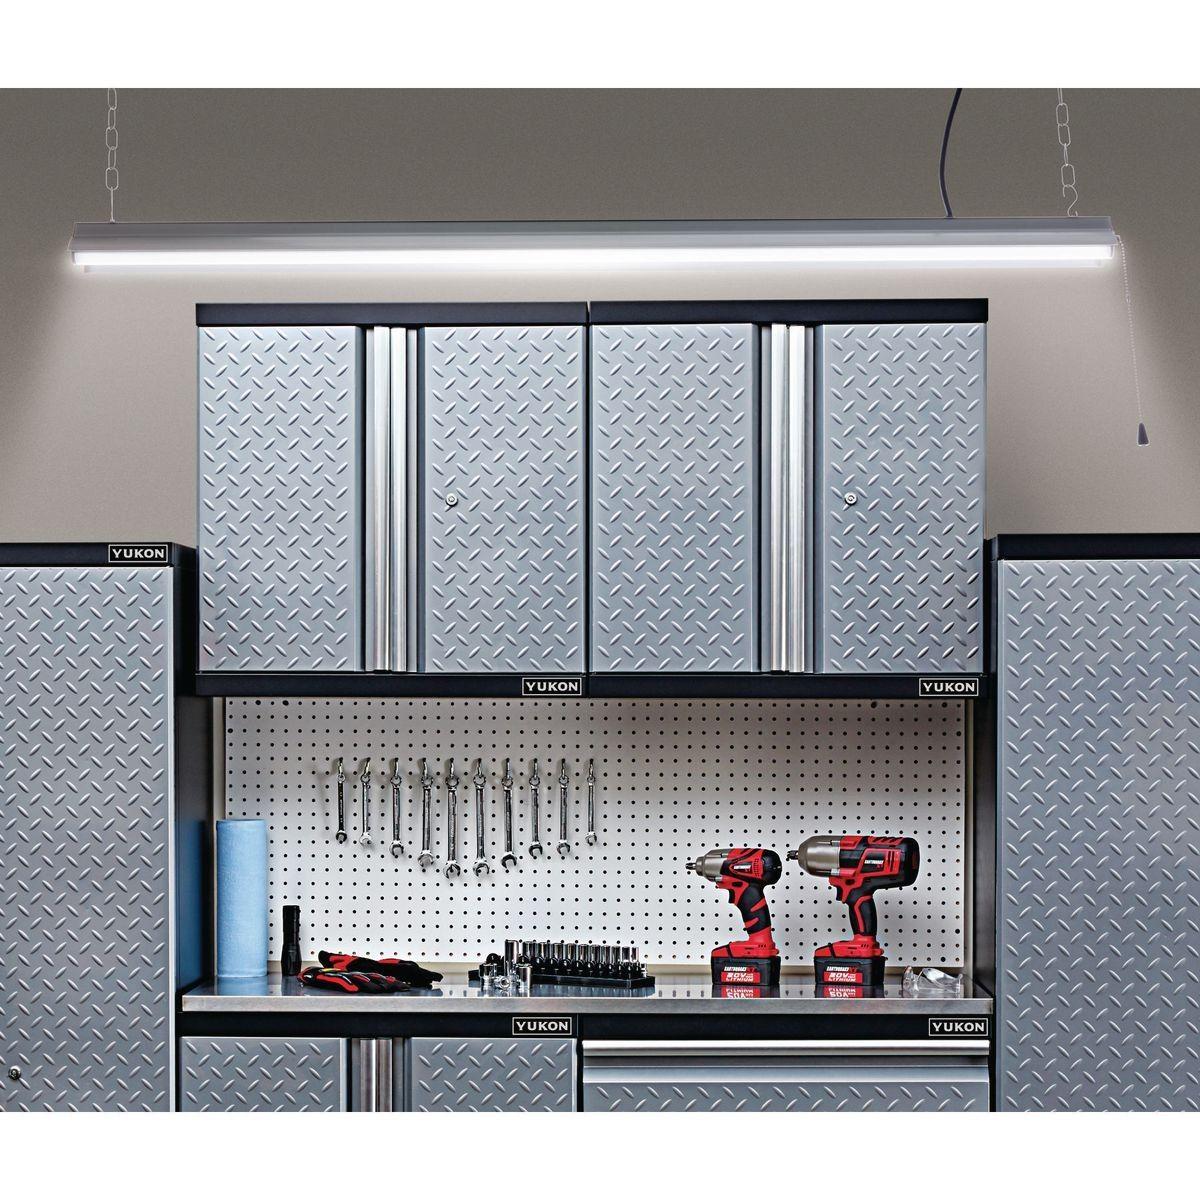 Get A 5 Star Rated Led Hanging Shop Light For 19 99 Shop Lighting Led Shop Lights Wood Diy